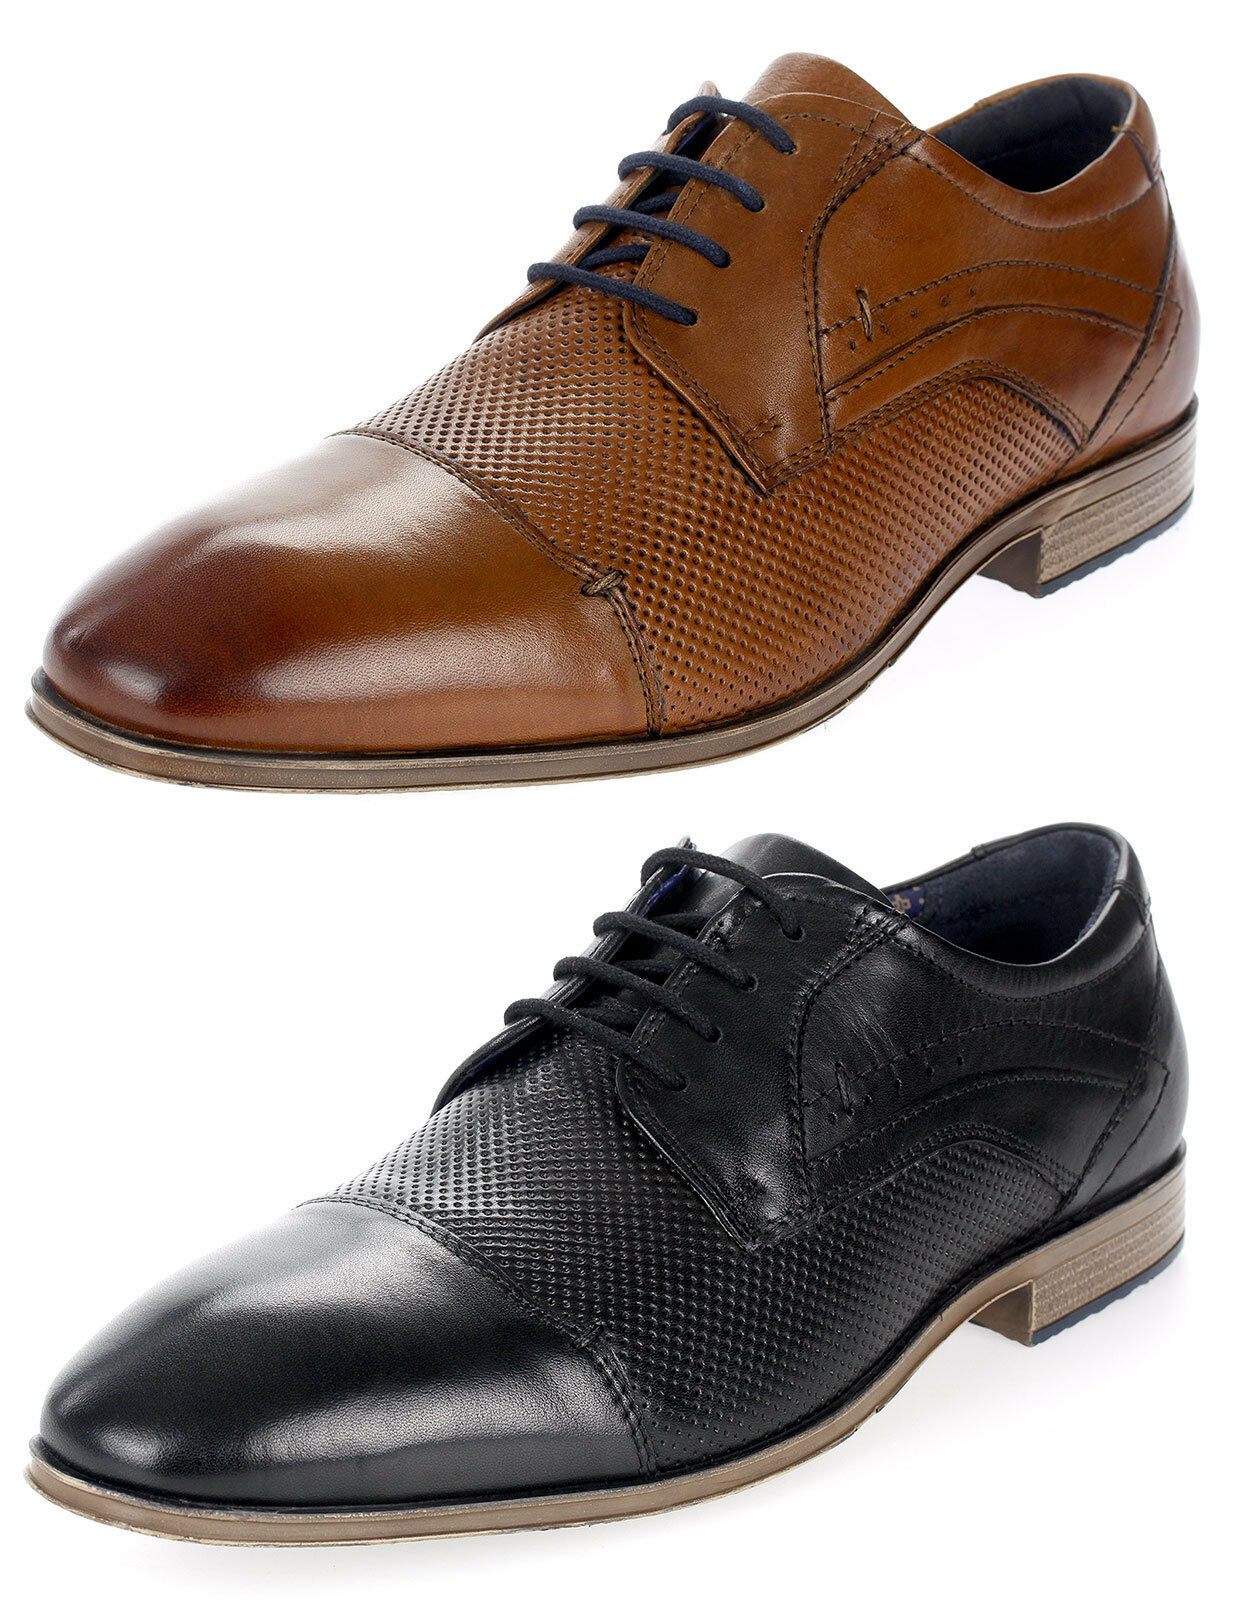 S.Oliver Herren Business-Schuhe Echtleder Halbschuhe Schnürer Derbys 13200